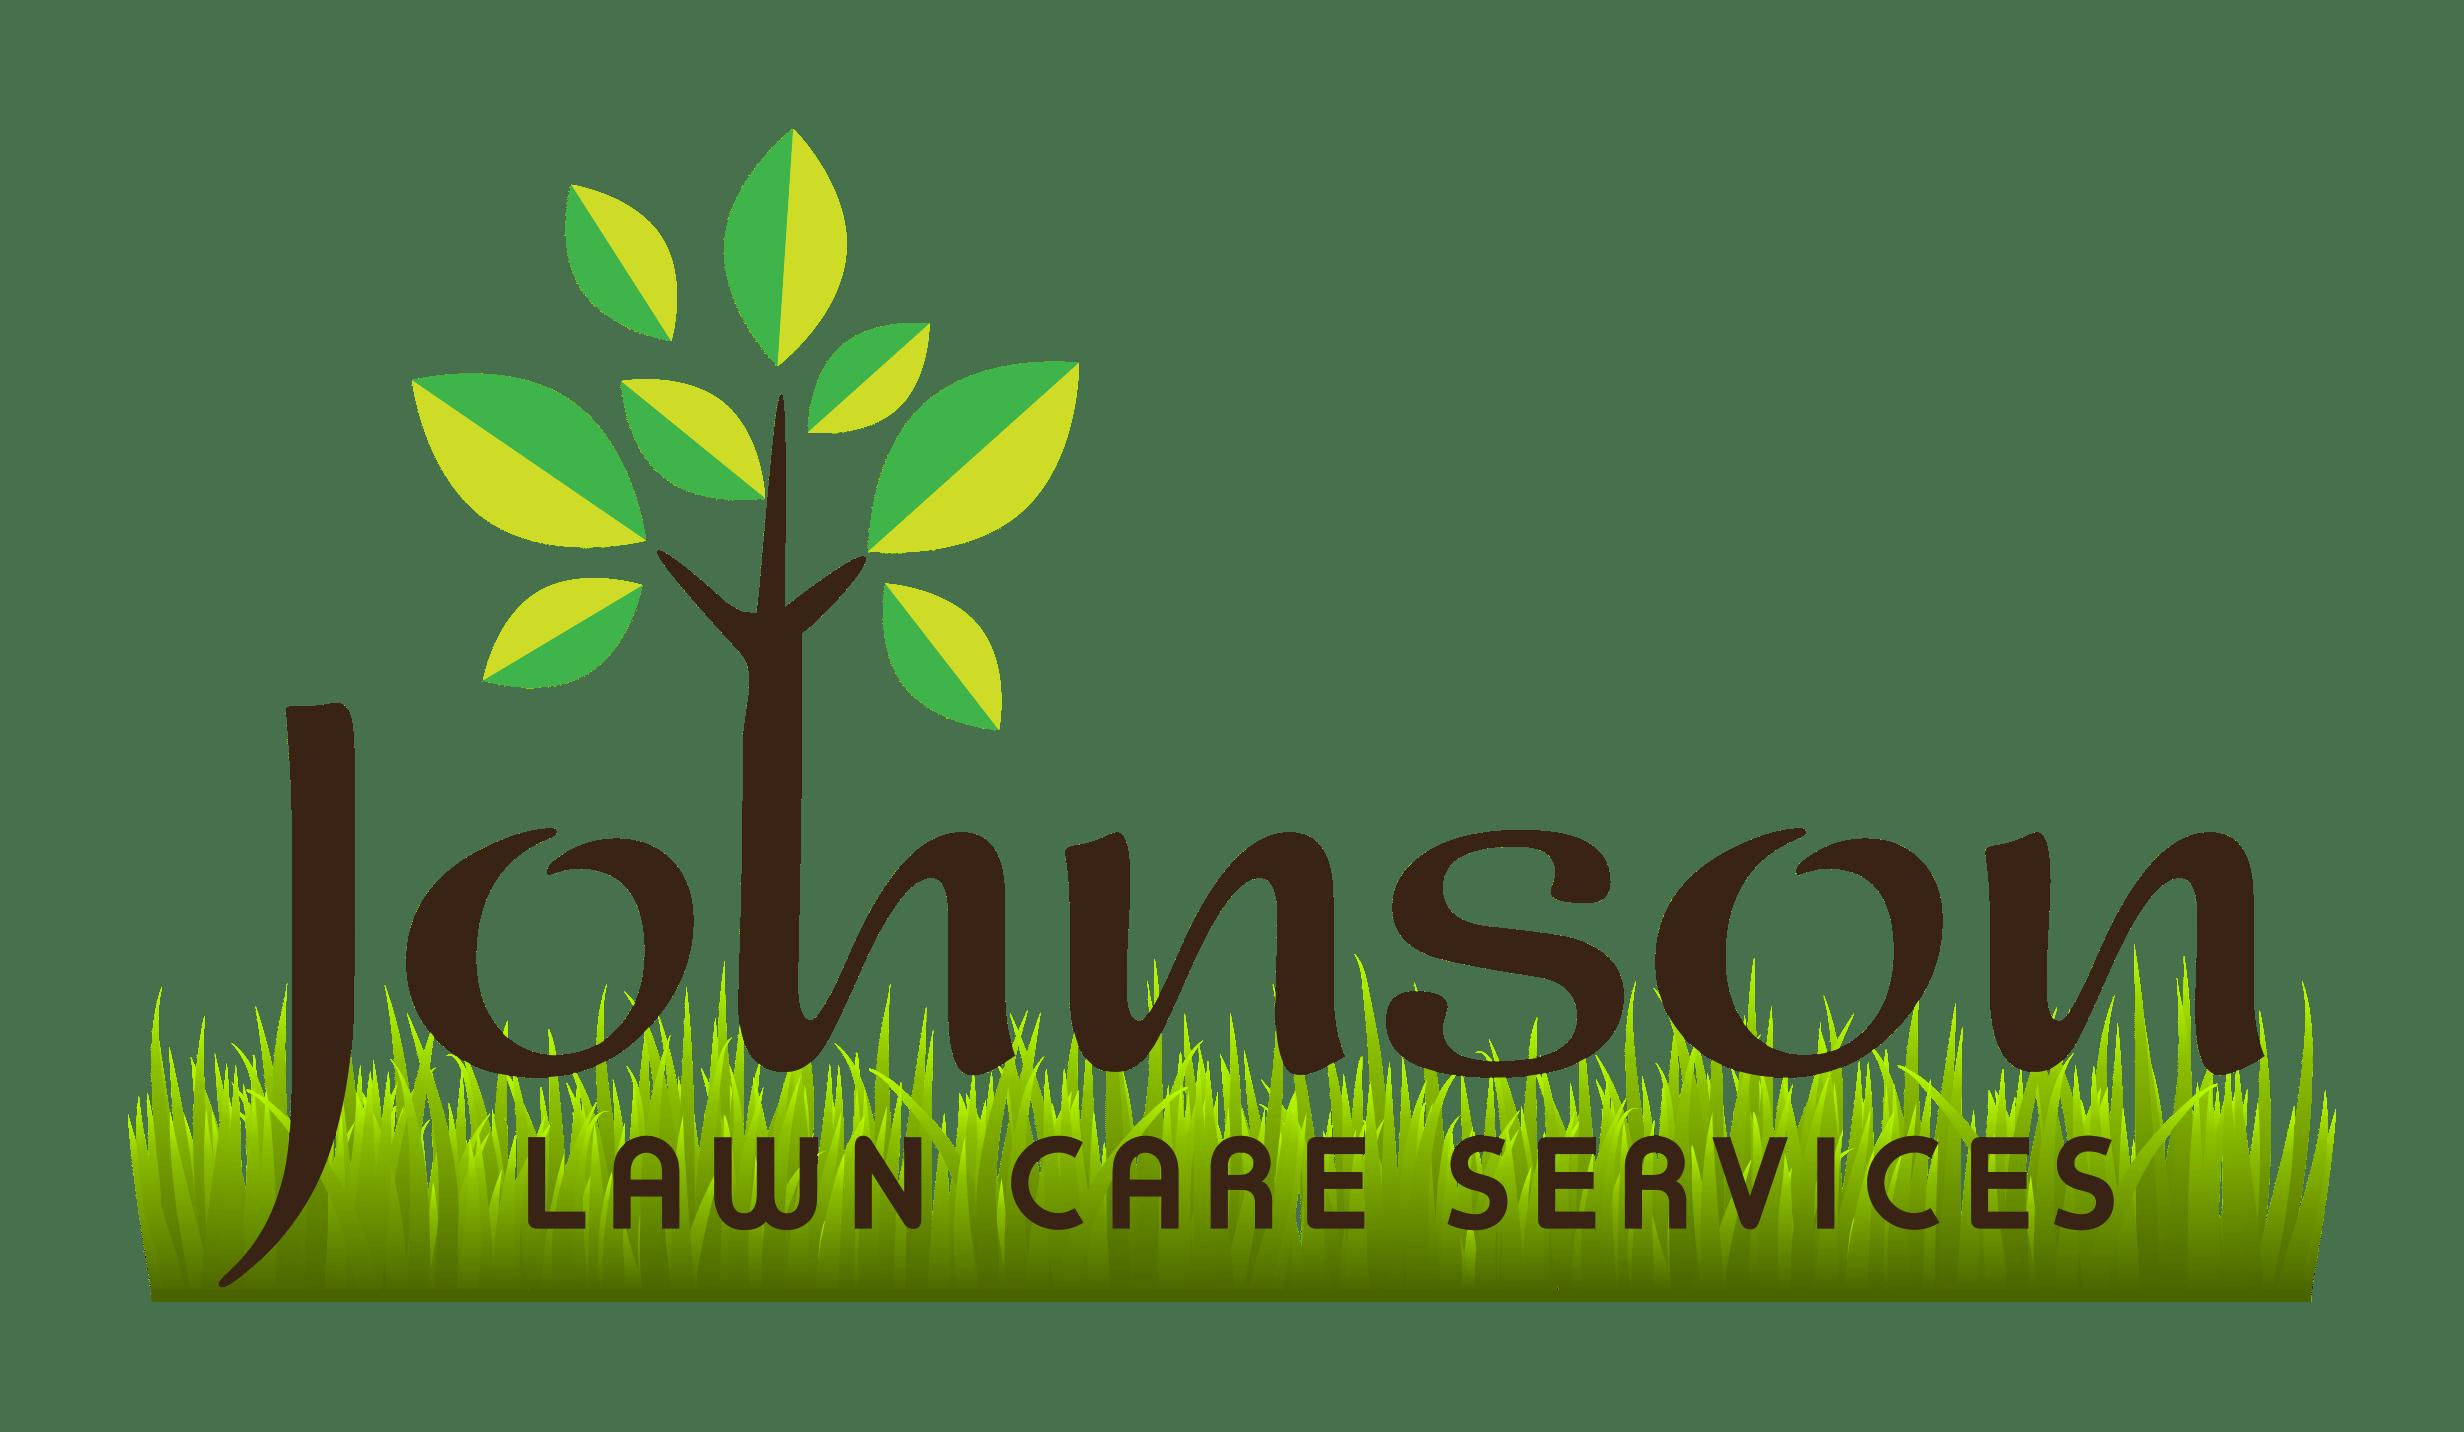 Johnson Lawn Care Services